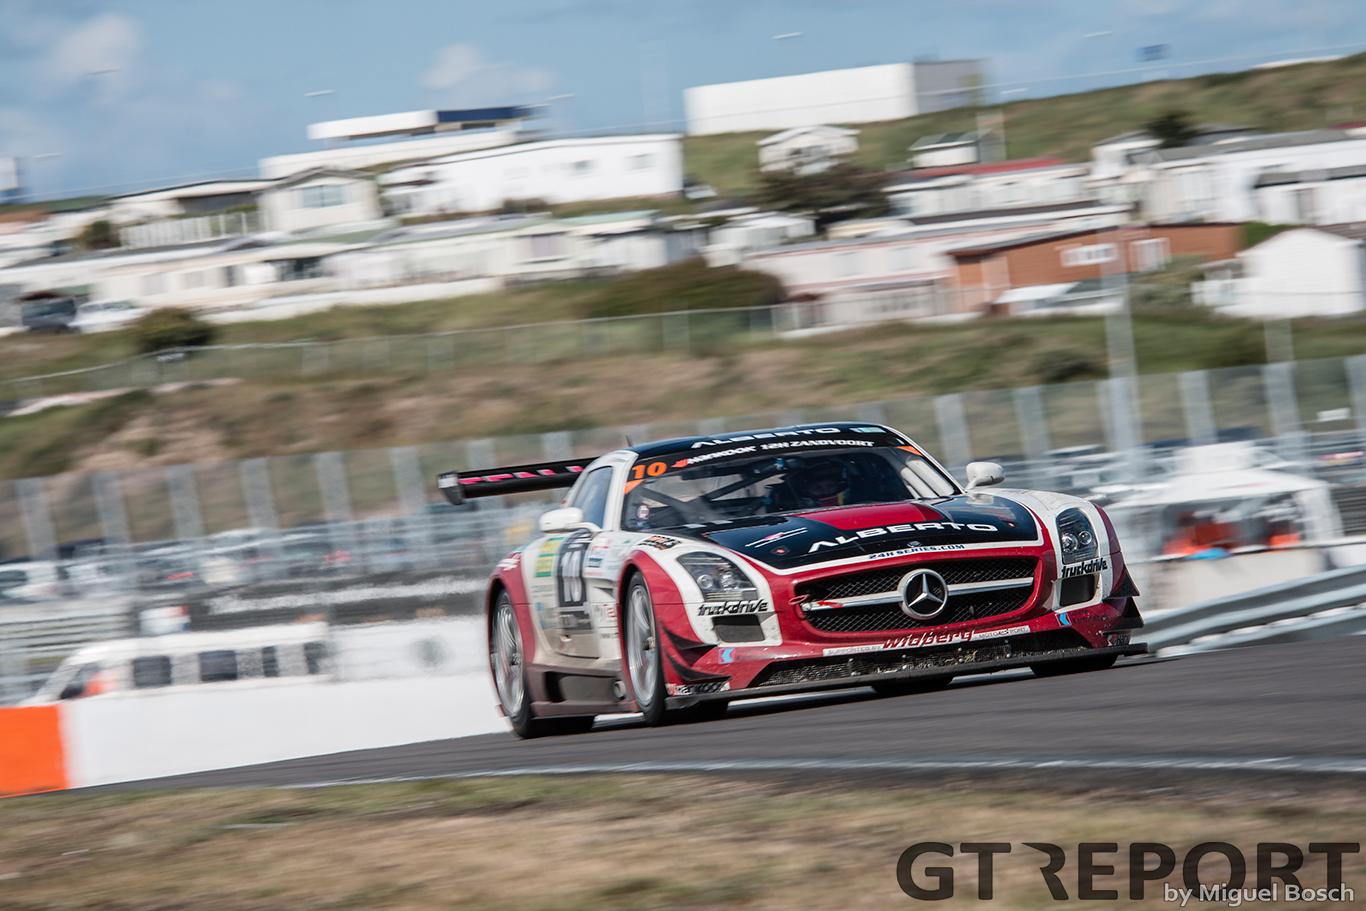 Zandvoort 12H race report: The dunes